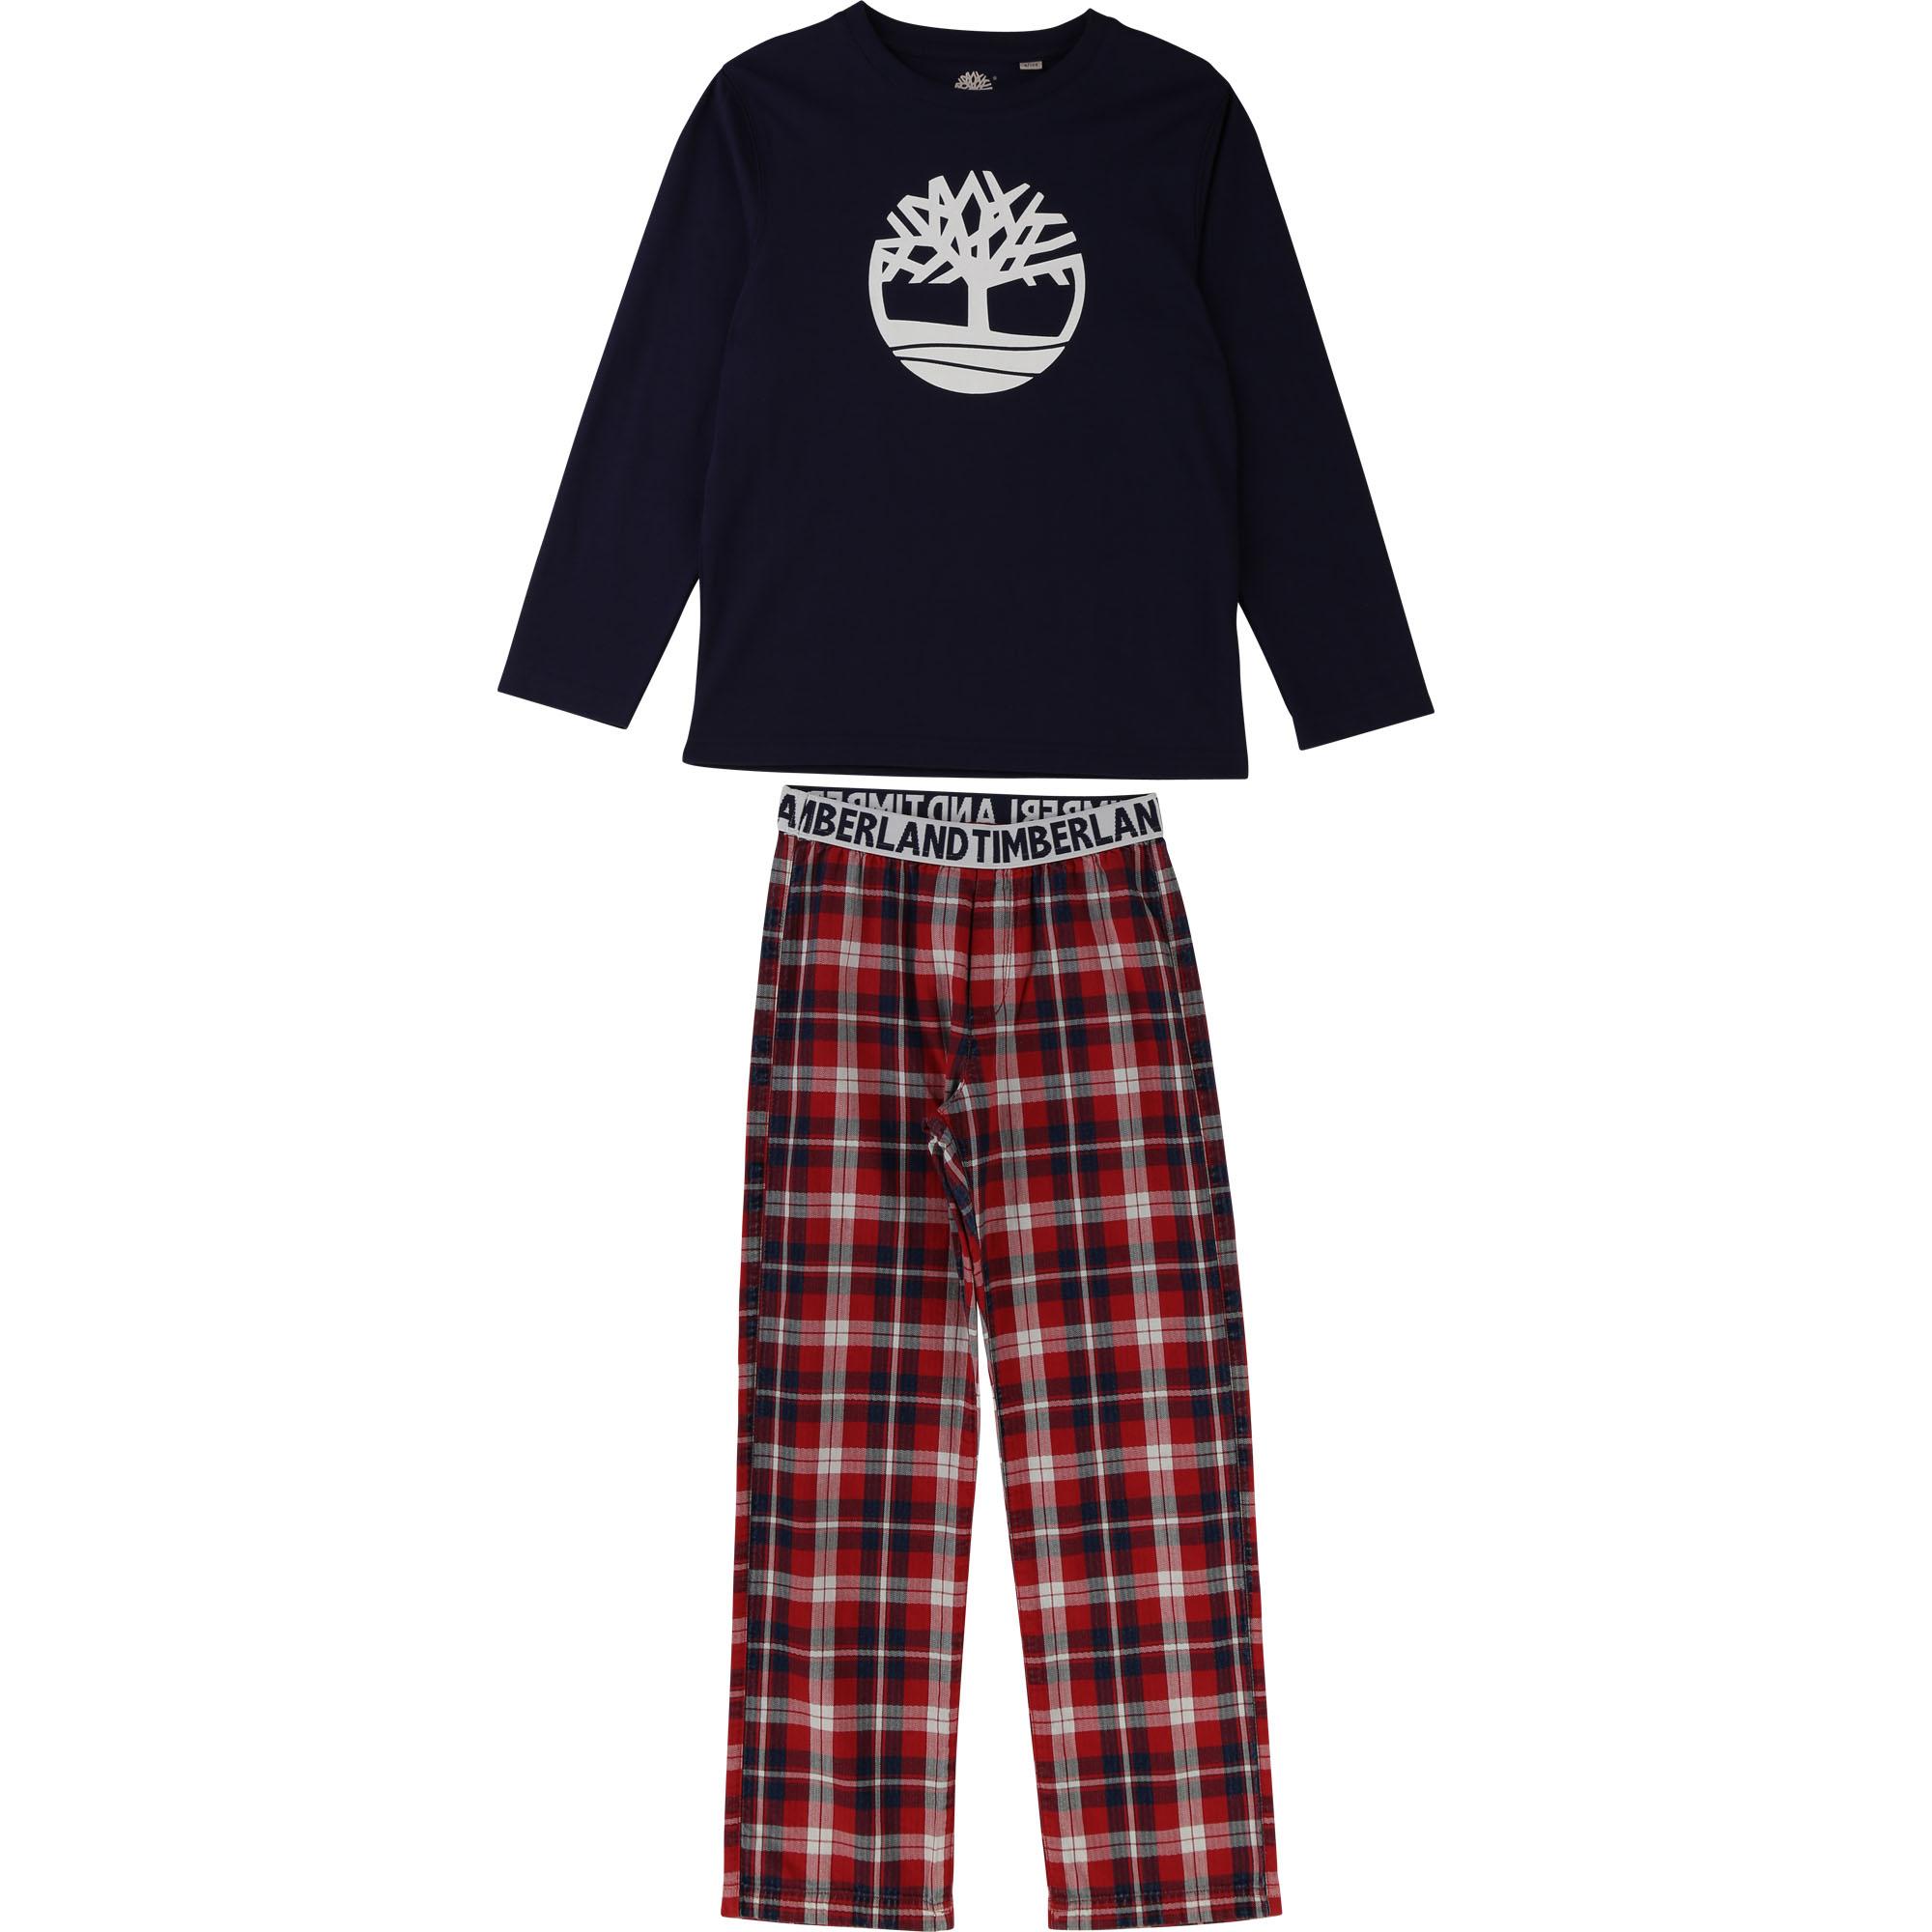 Timberland Pyjama -50% koko 162 cm ALE (OVH 59.00)